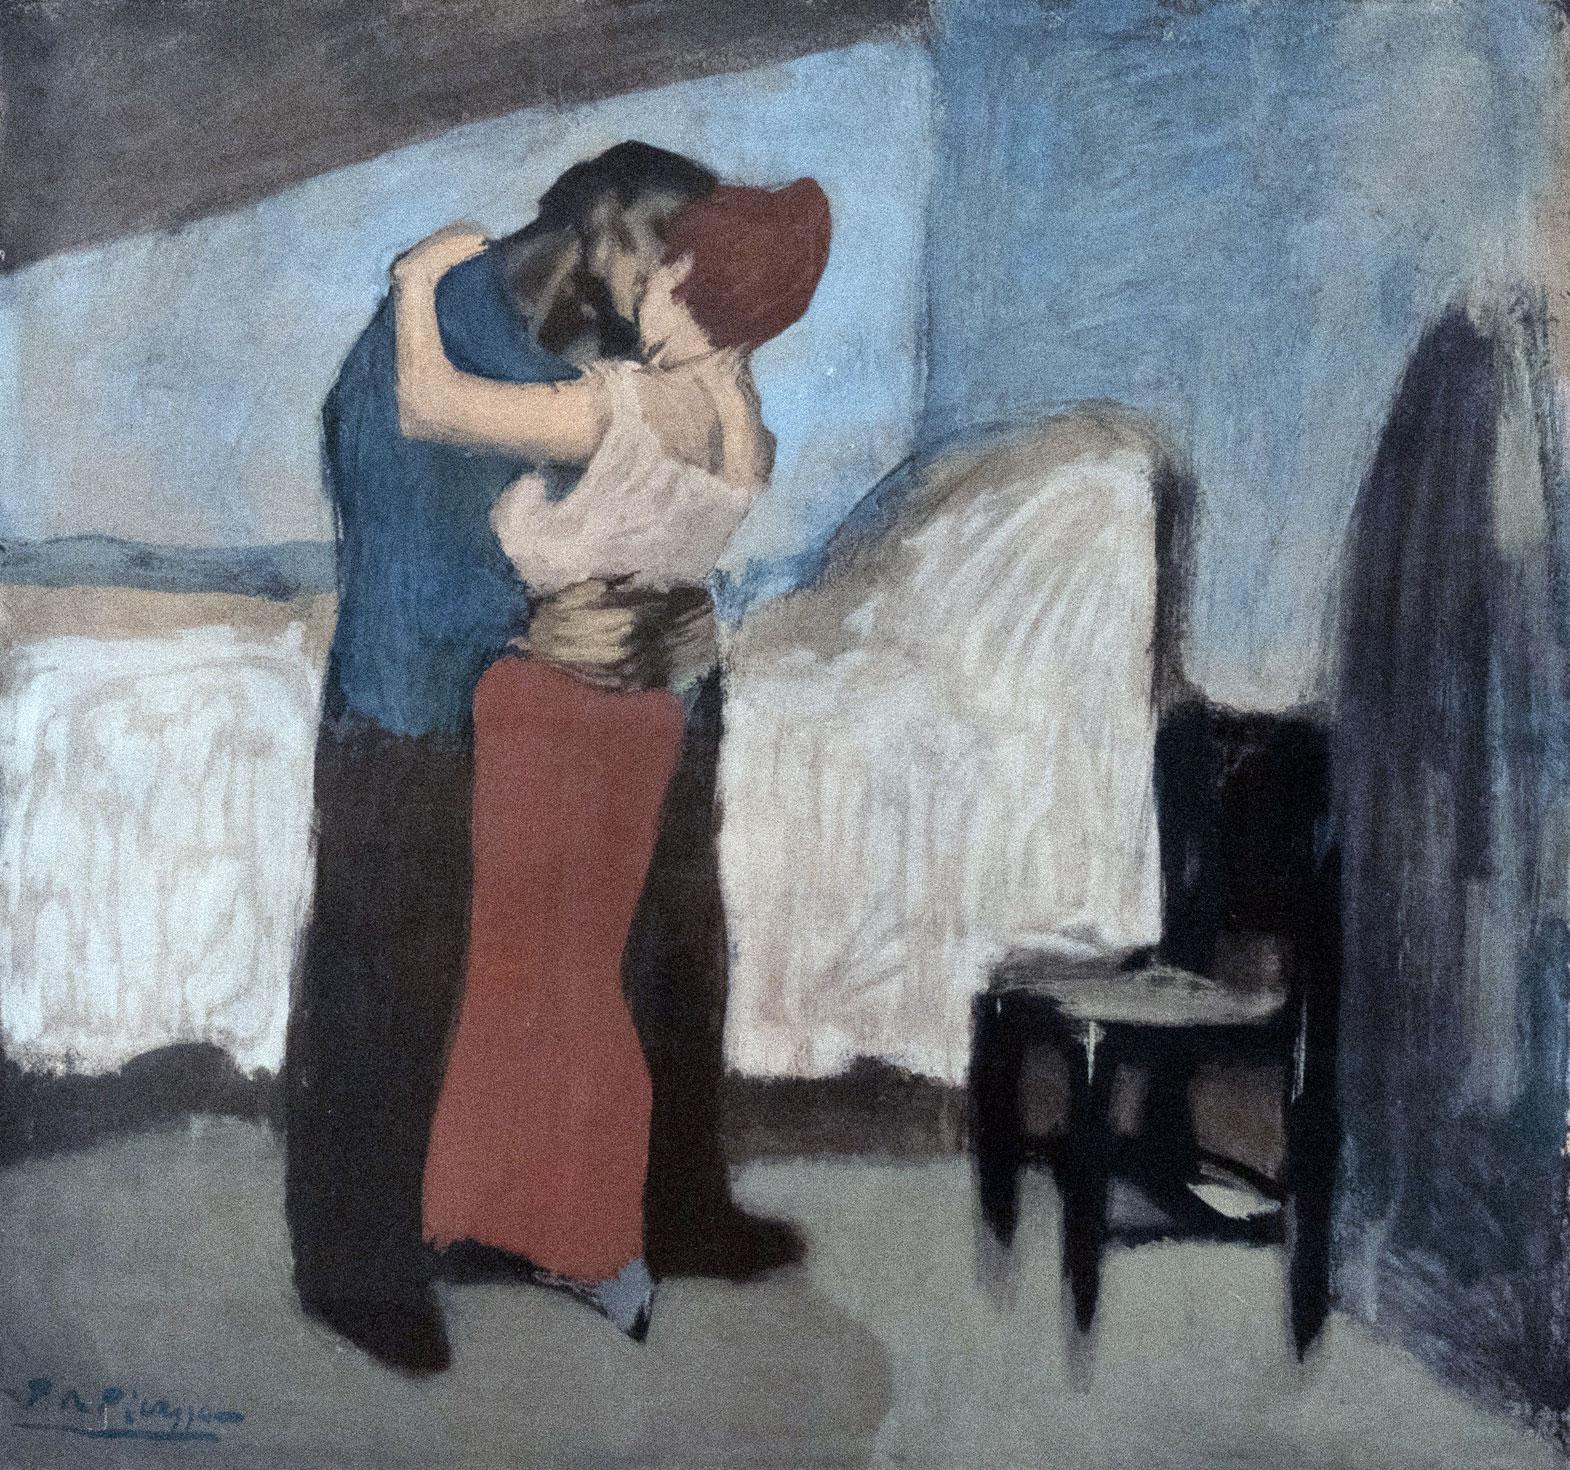 L'appuntamento, quadro di Pablo Picasso dipinto nel 1900 a Parigi (L'abbraccio - The Embrace)